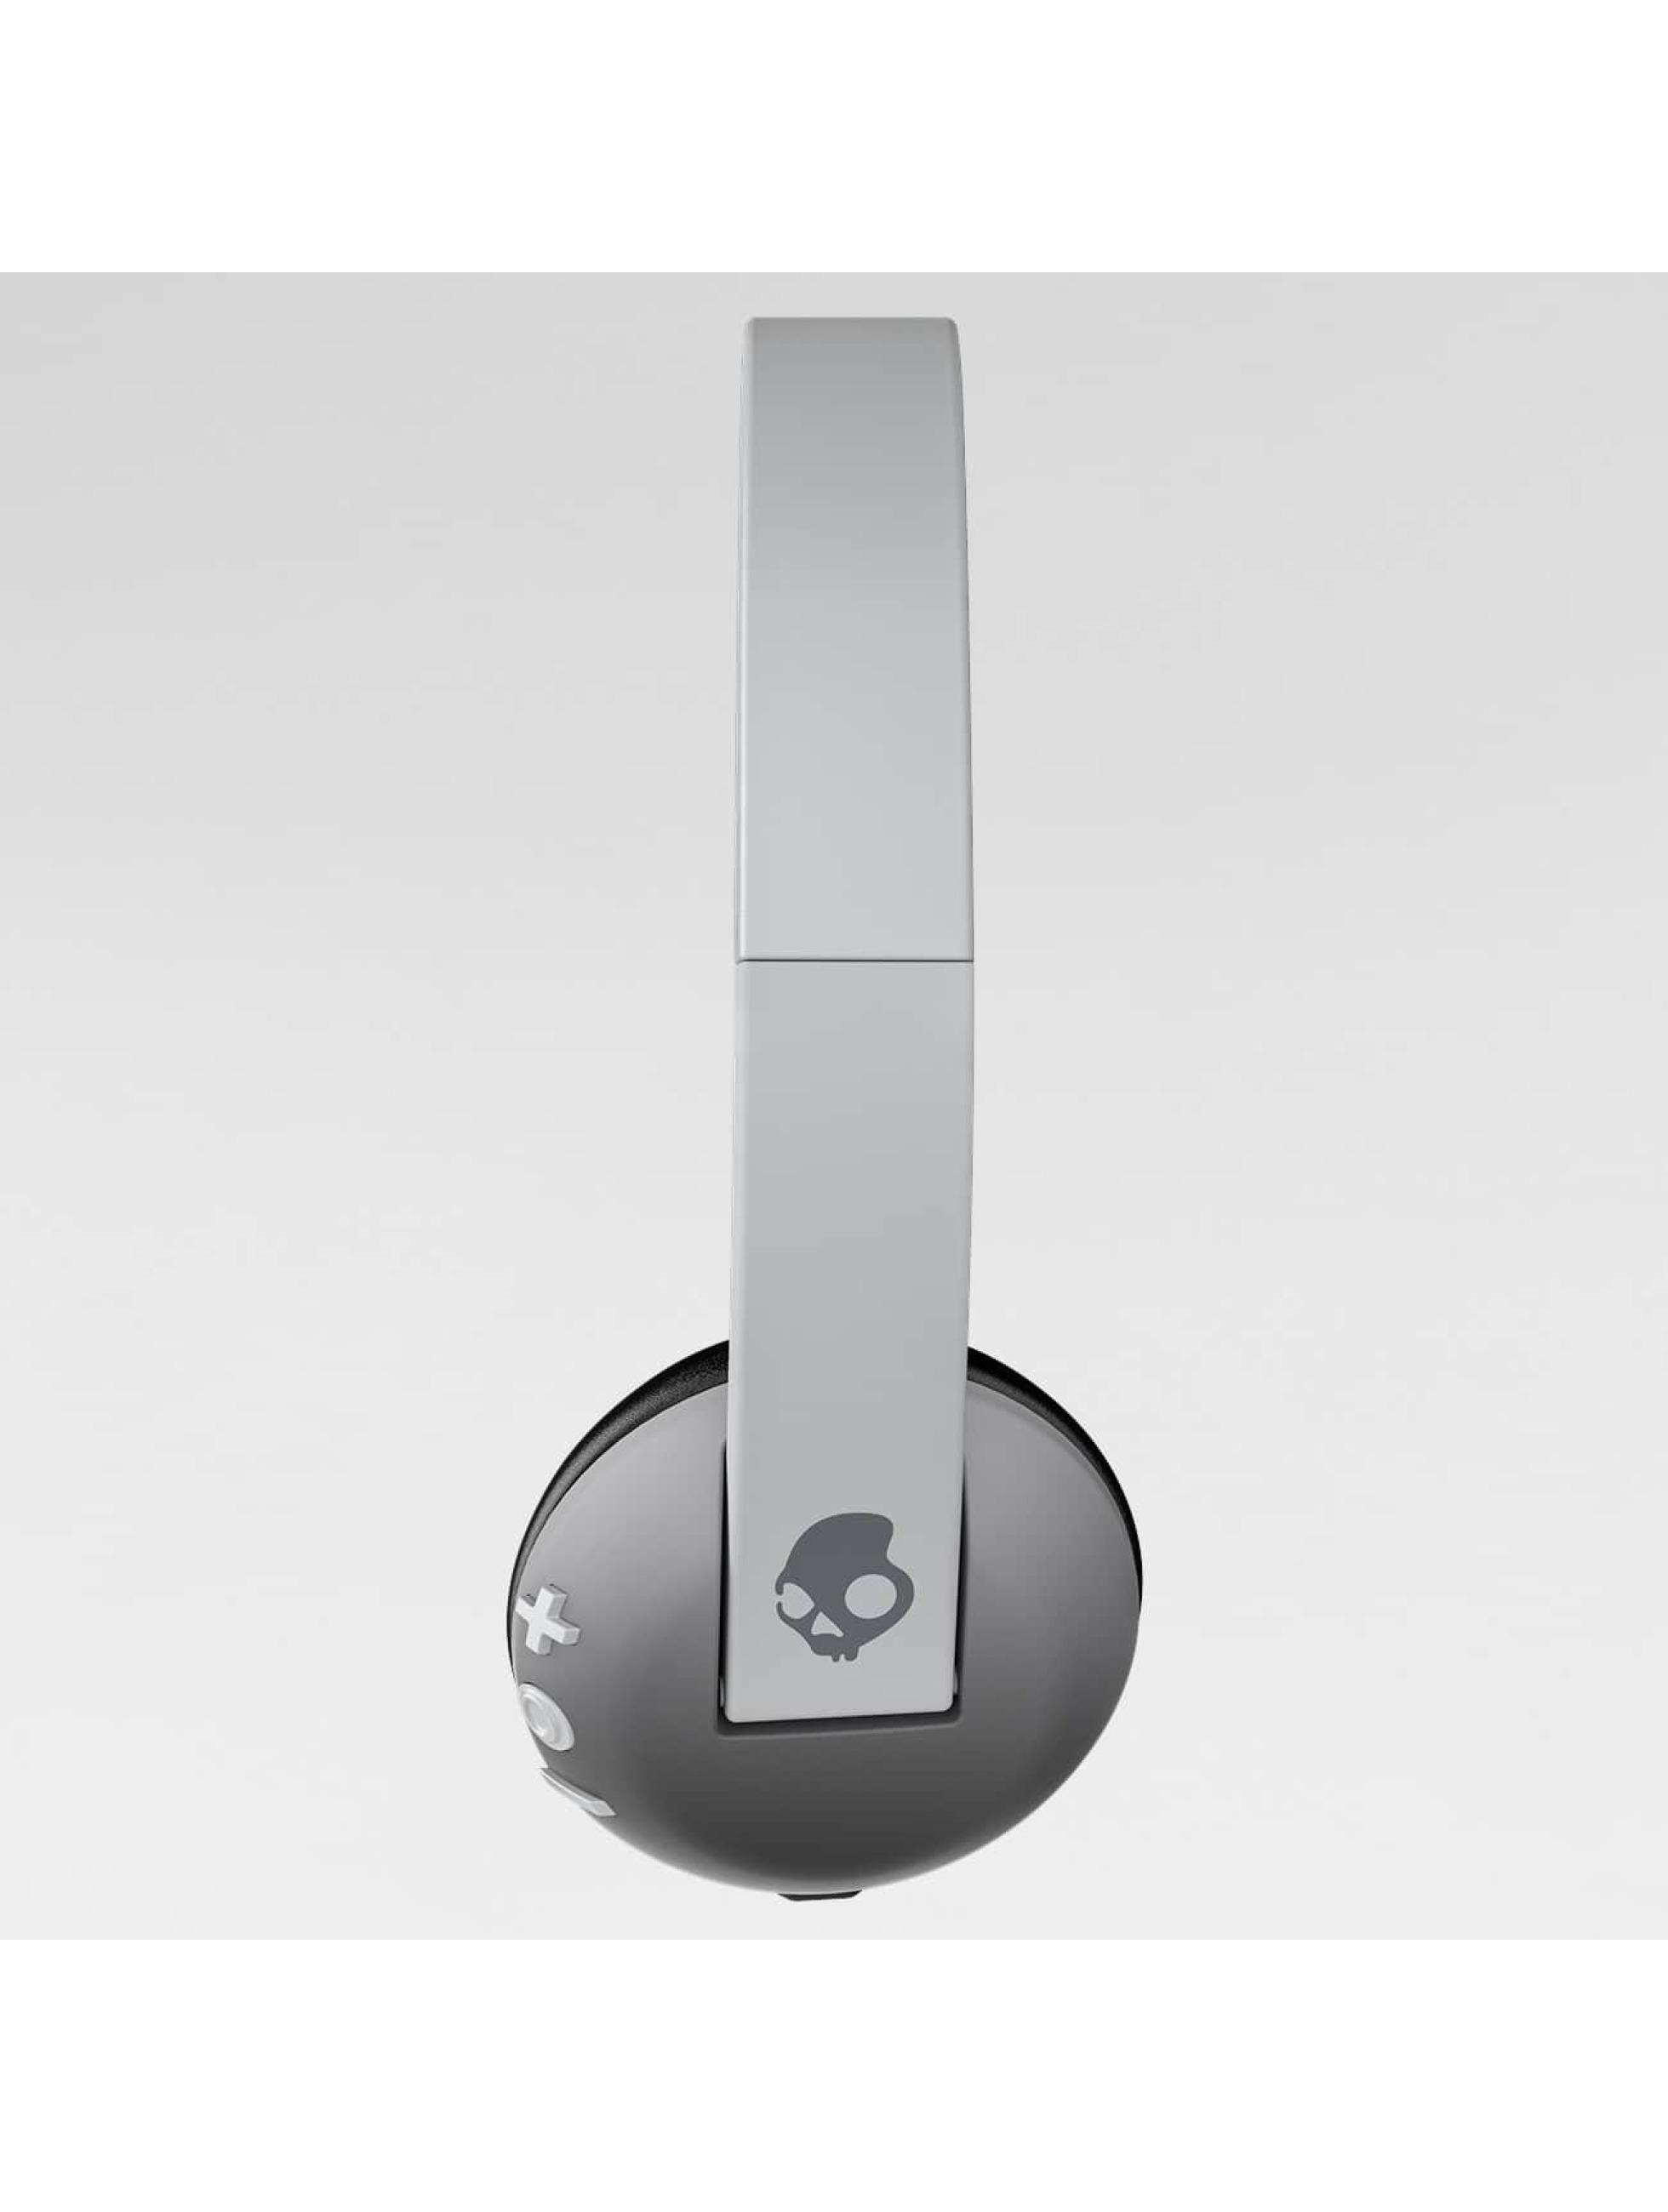 Skullcandy Koptelefoon Uproar Wireless On Ear grijs